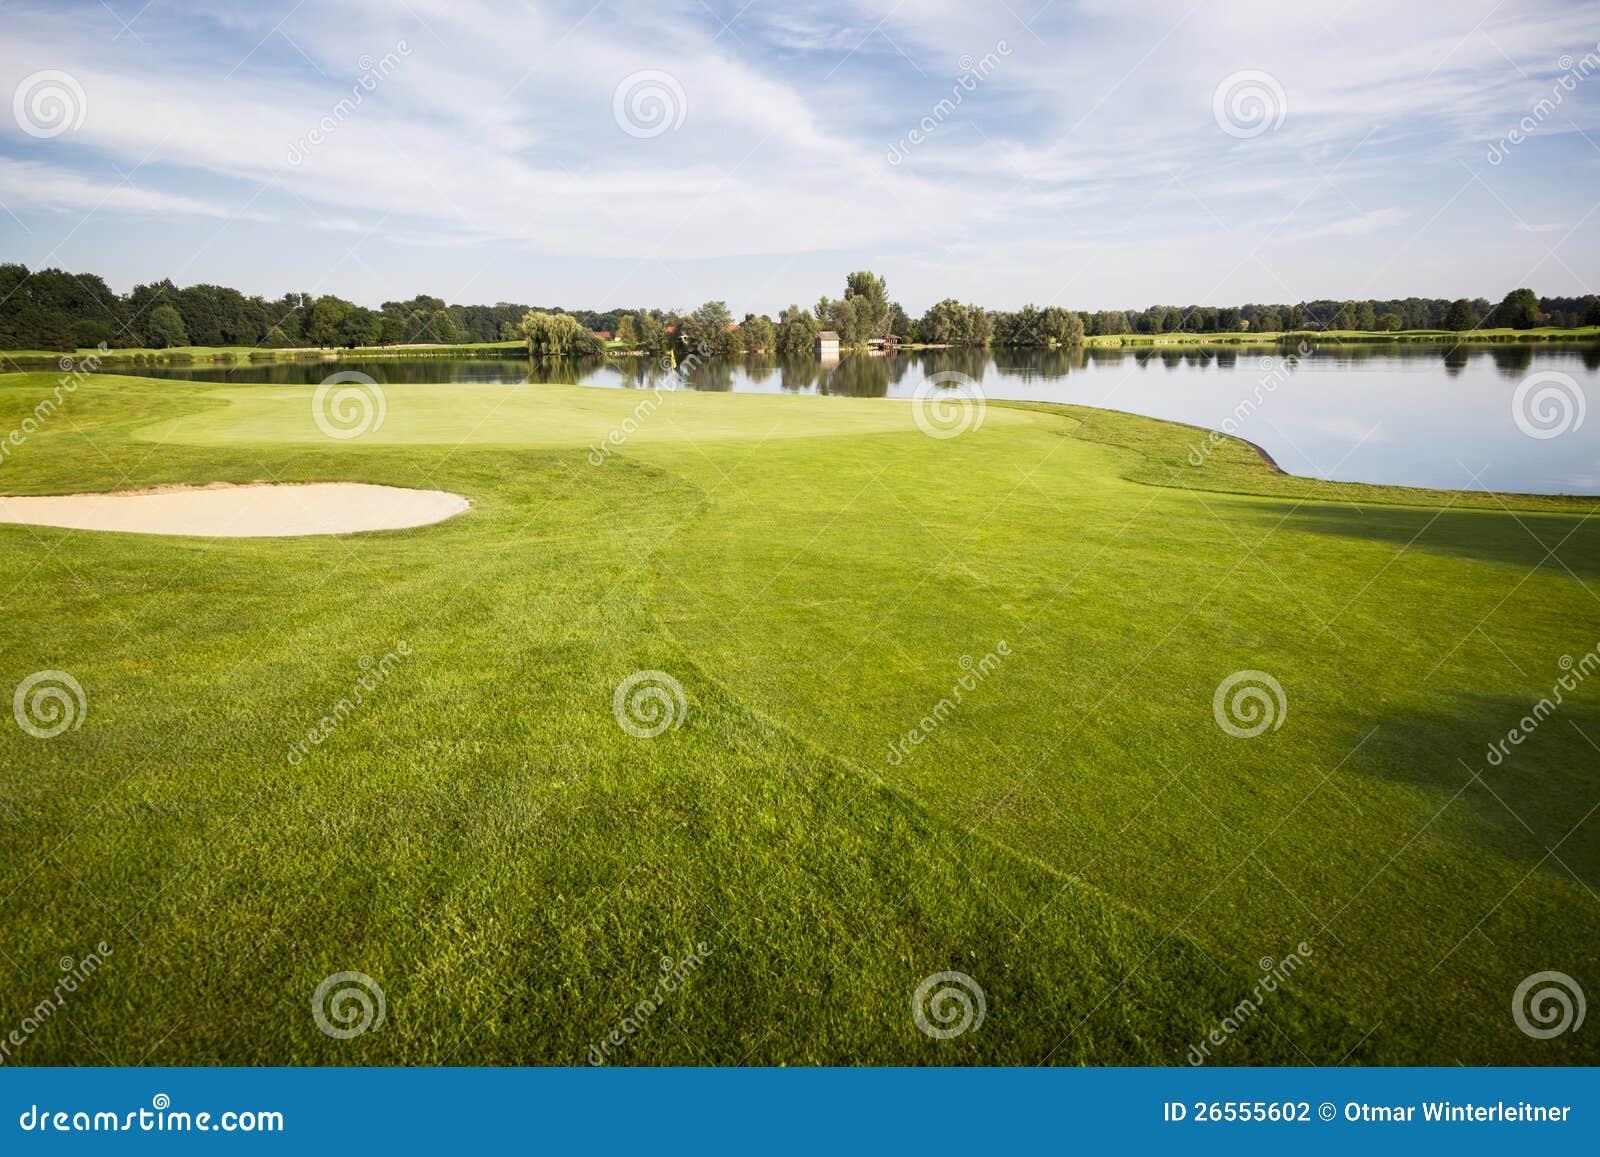 Golfbana med green.